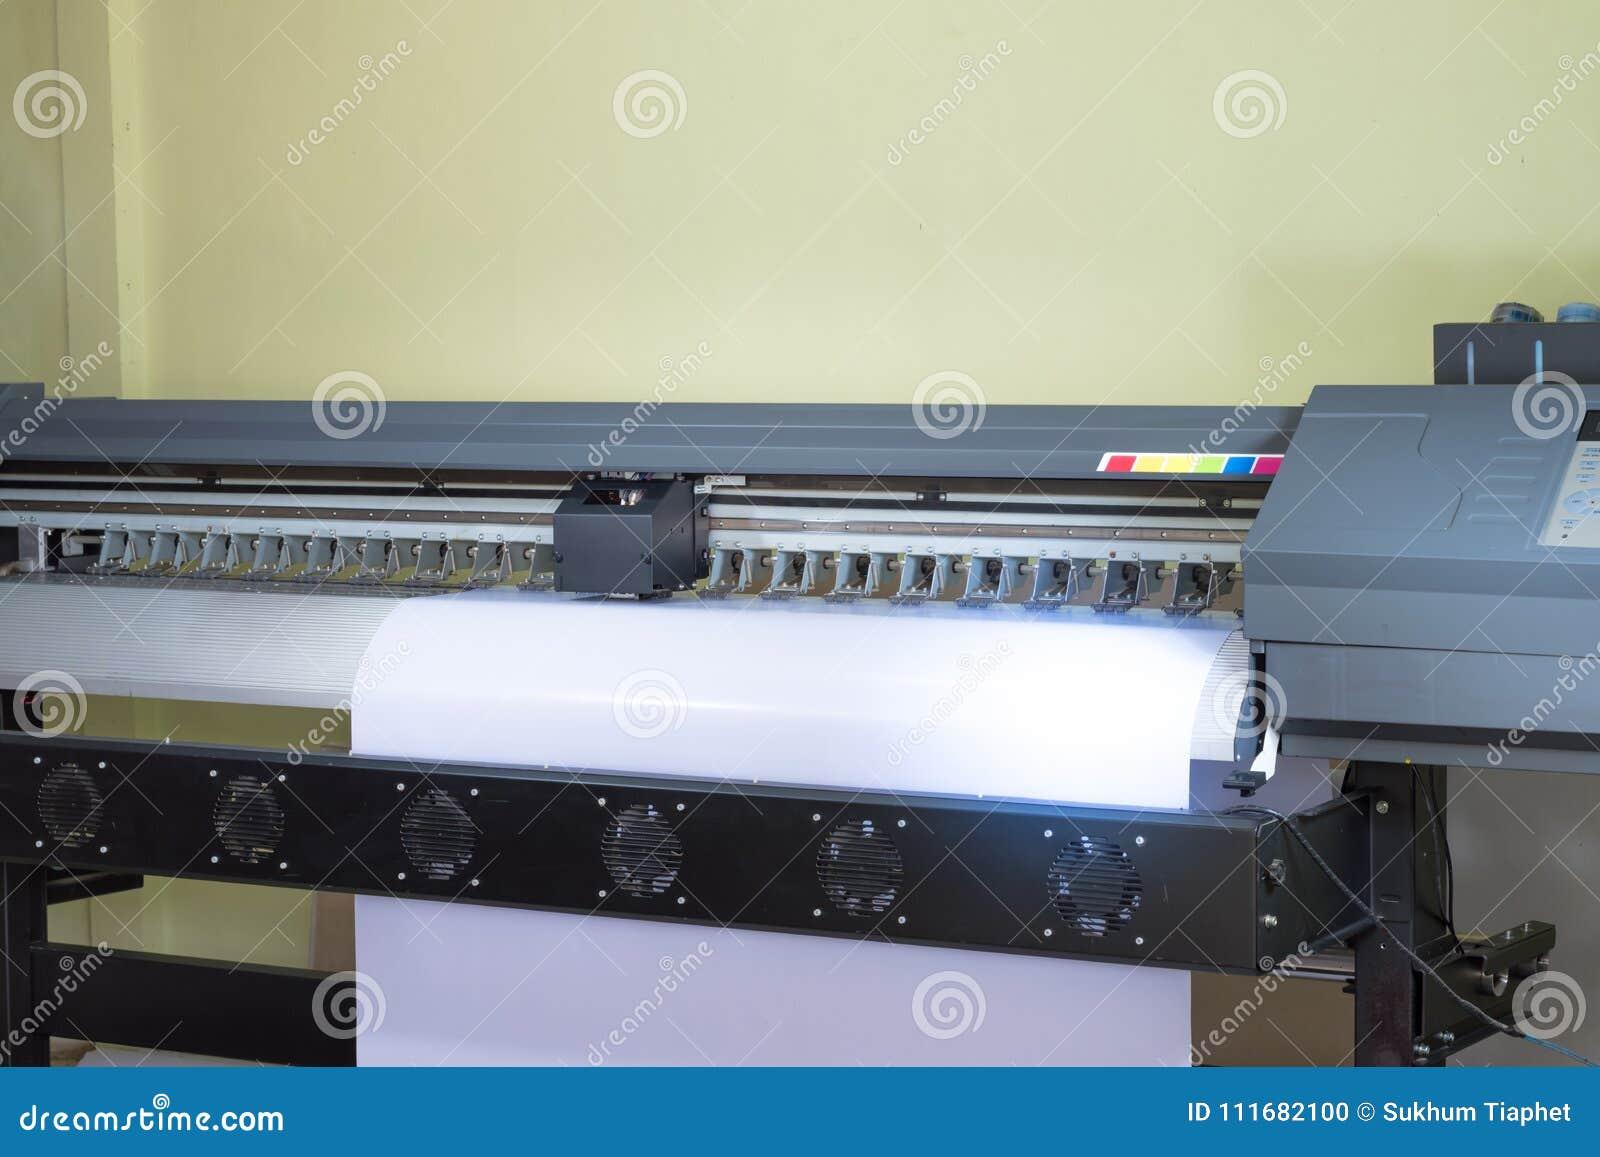 Inkjet printer machine stock photo  Image of graphic - 111682100